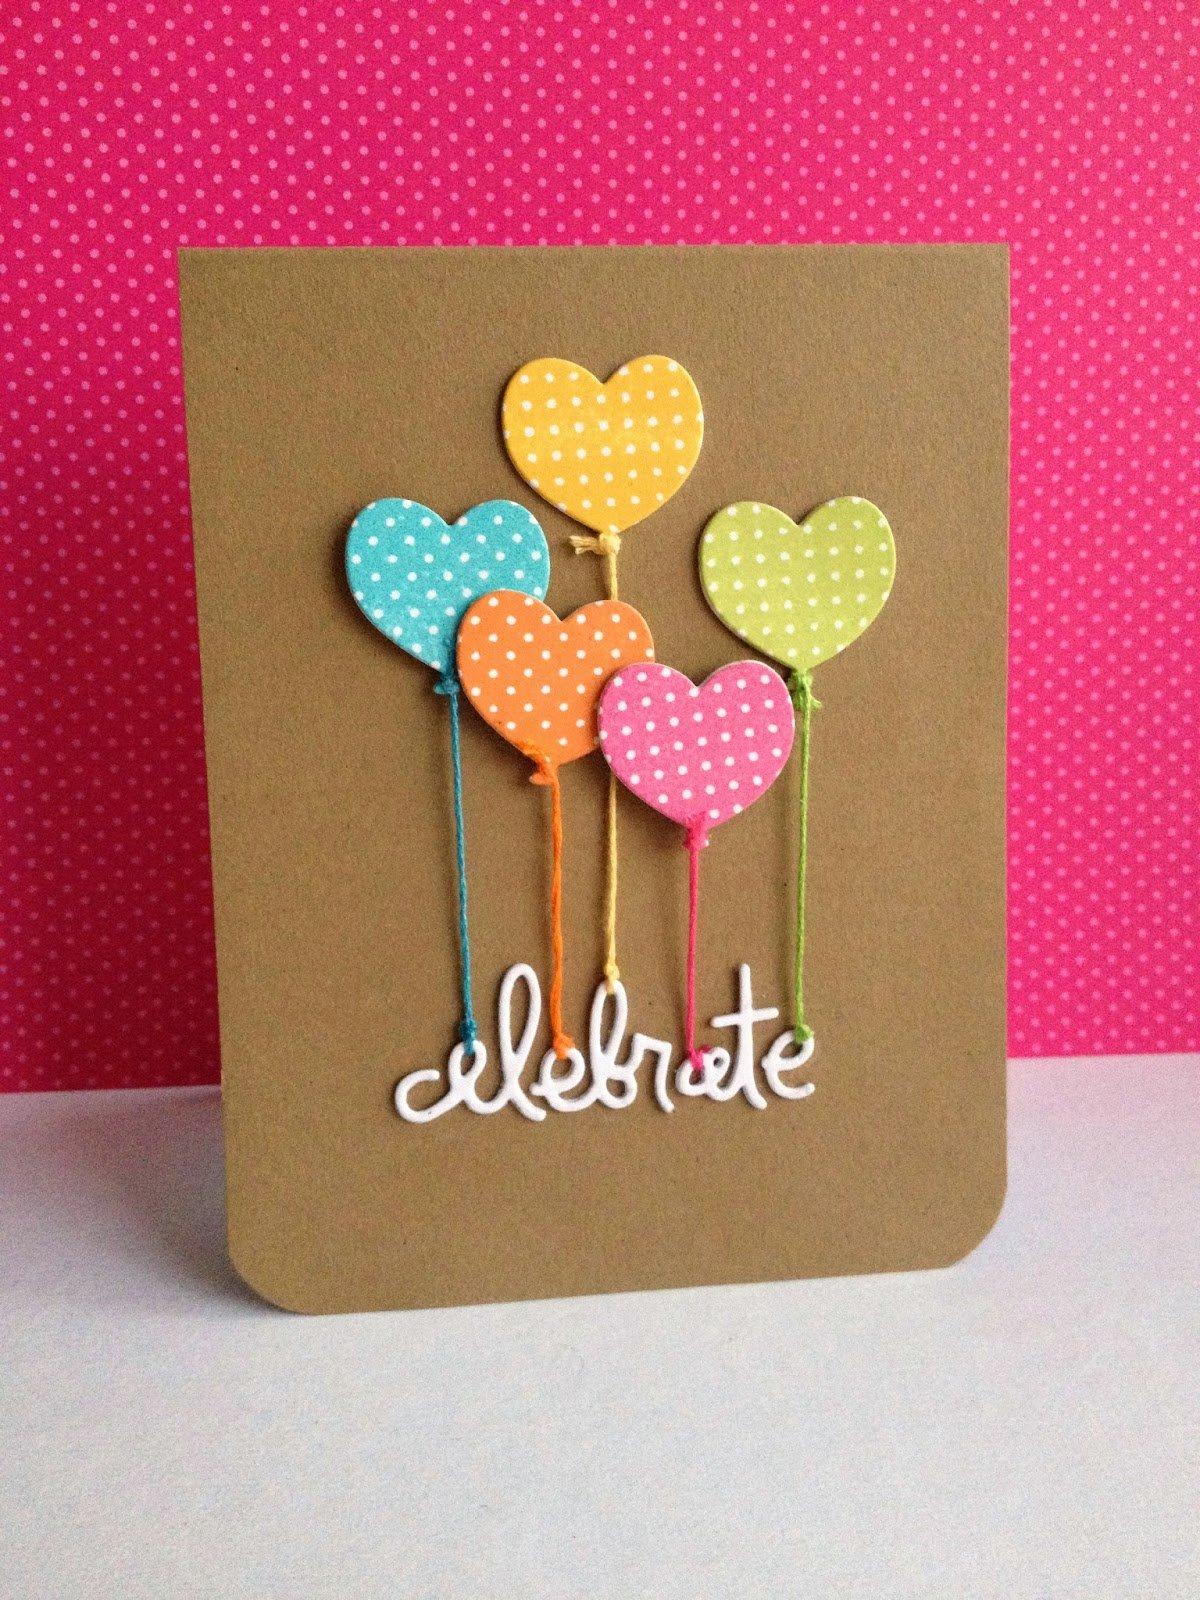 Ballons, Herzen und viele lustige Ideen für Karten selber basteln